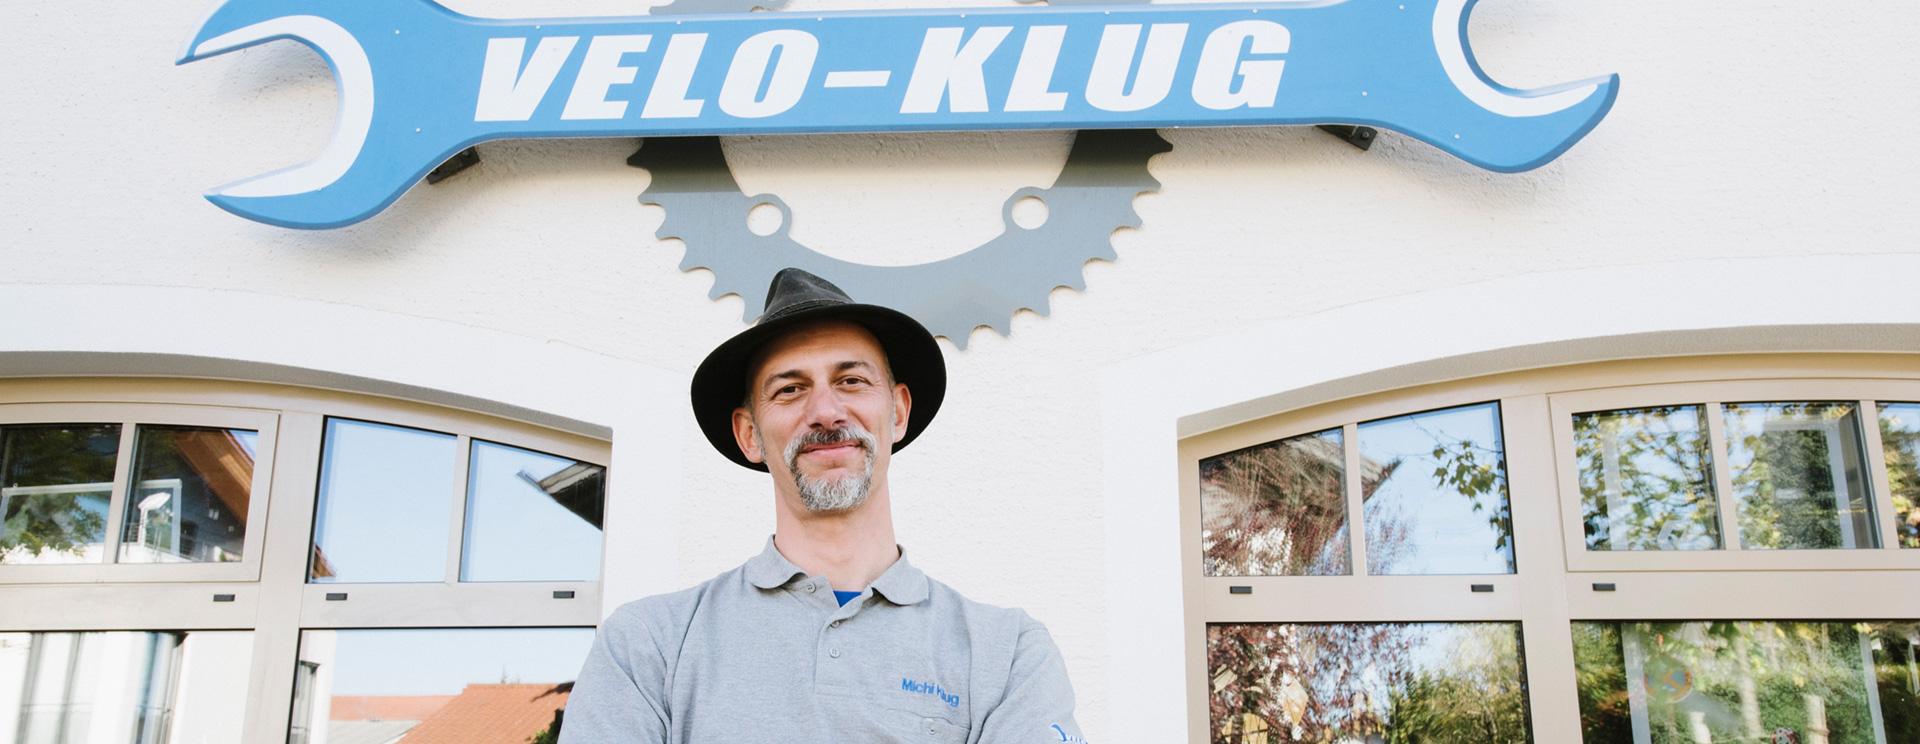 Fahrraeder und Zubehoer Velo-Klug Oberhaching